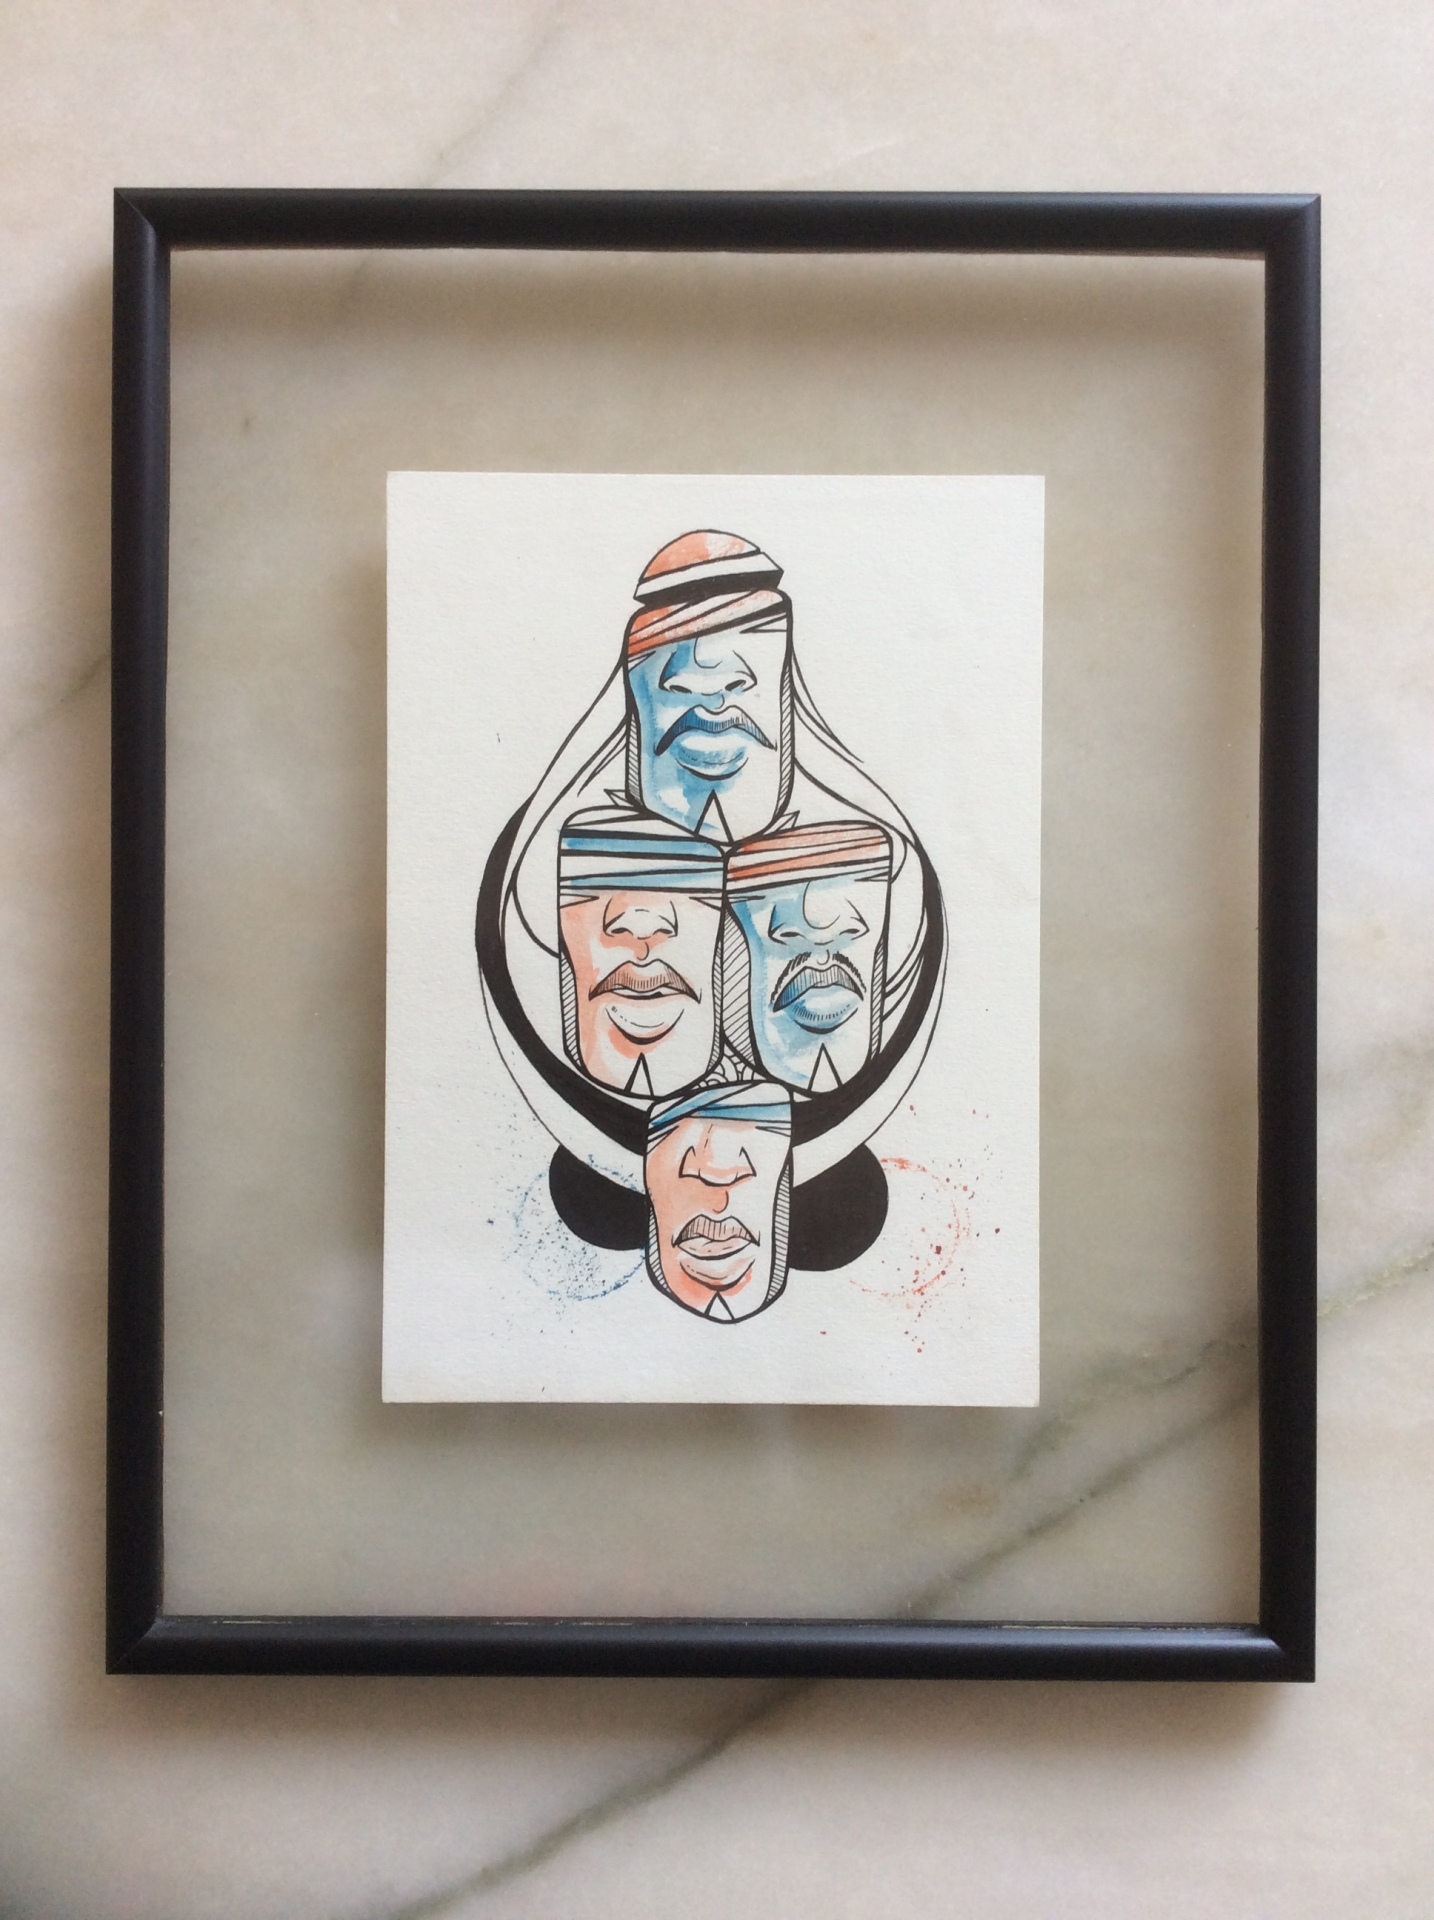 Ser Forte / Tamanho: 50x40 cm Técnica: nanquin e aquarela sobre papel grain. Indisponível